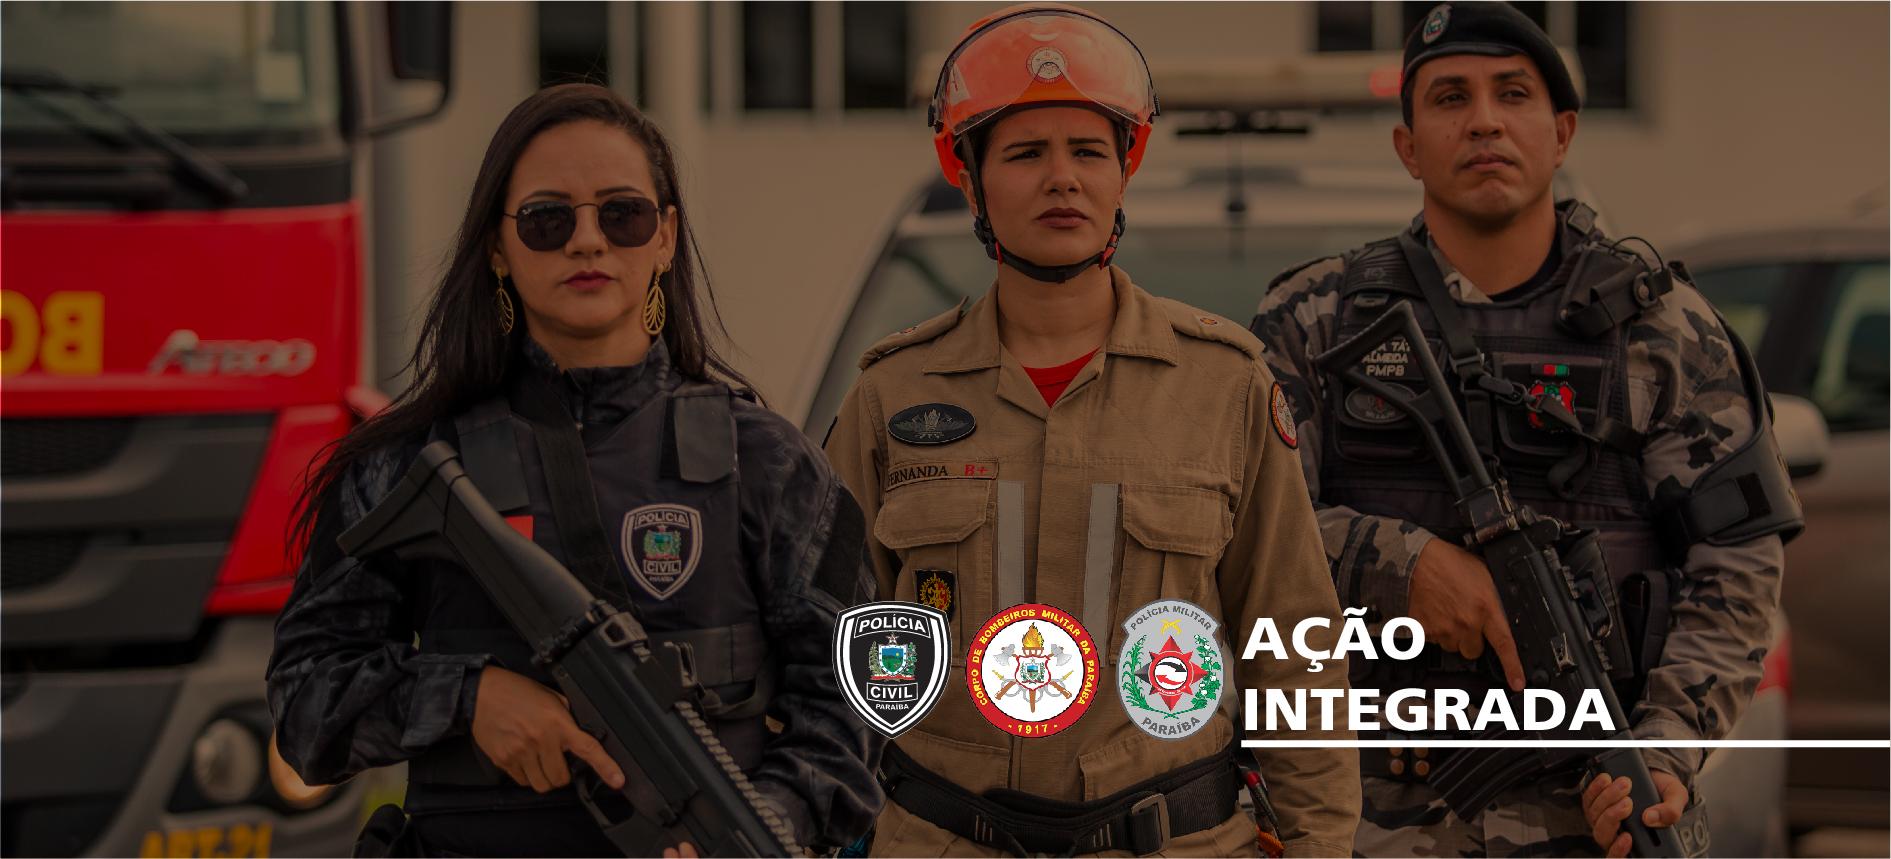 AÇAO INTEGRADA SITE-16.jpg